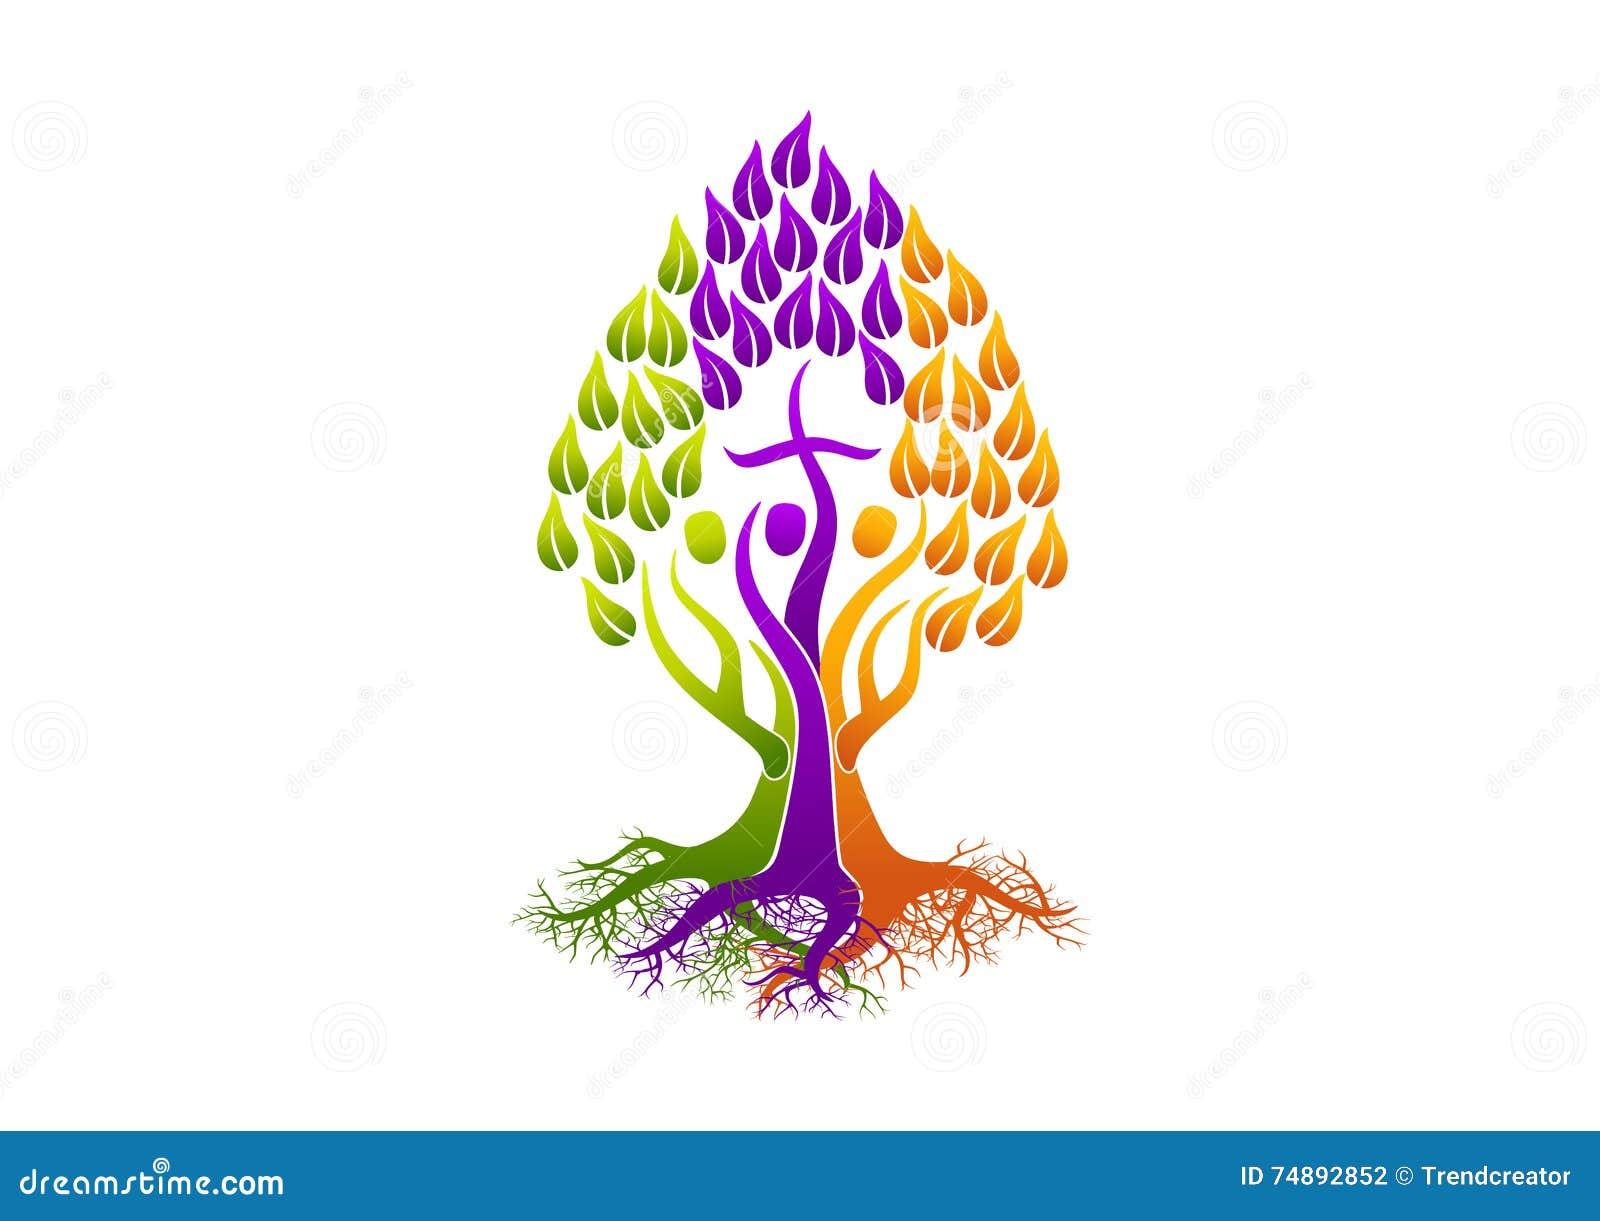 Logotipo cristão dos povos, árvore do Espírito Santo do ícone da raiz, projeto do símbolo do vetor da igreja da família